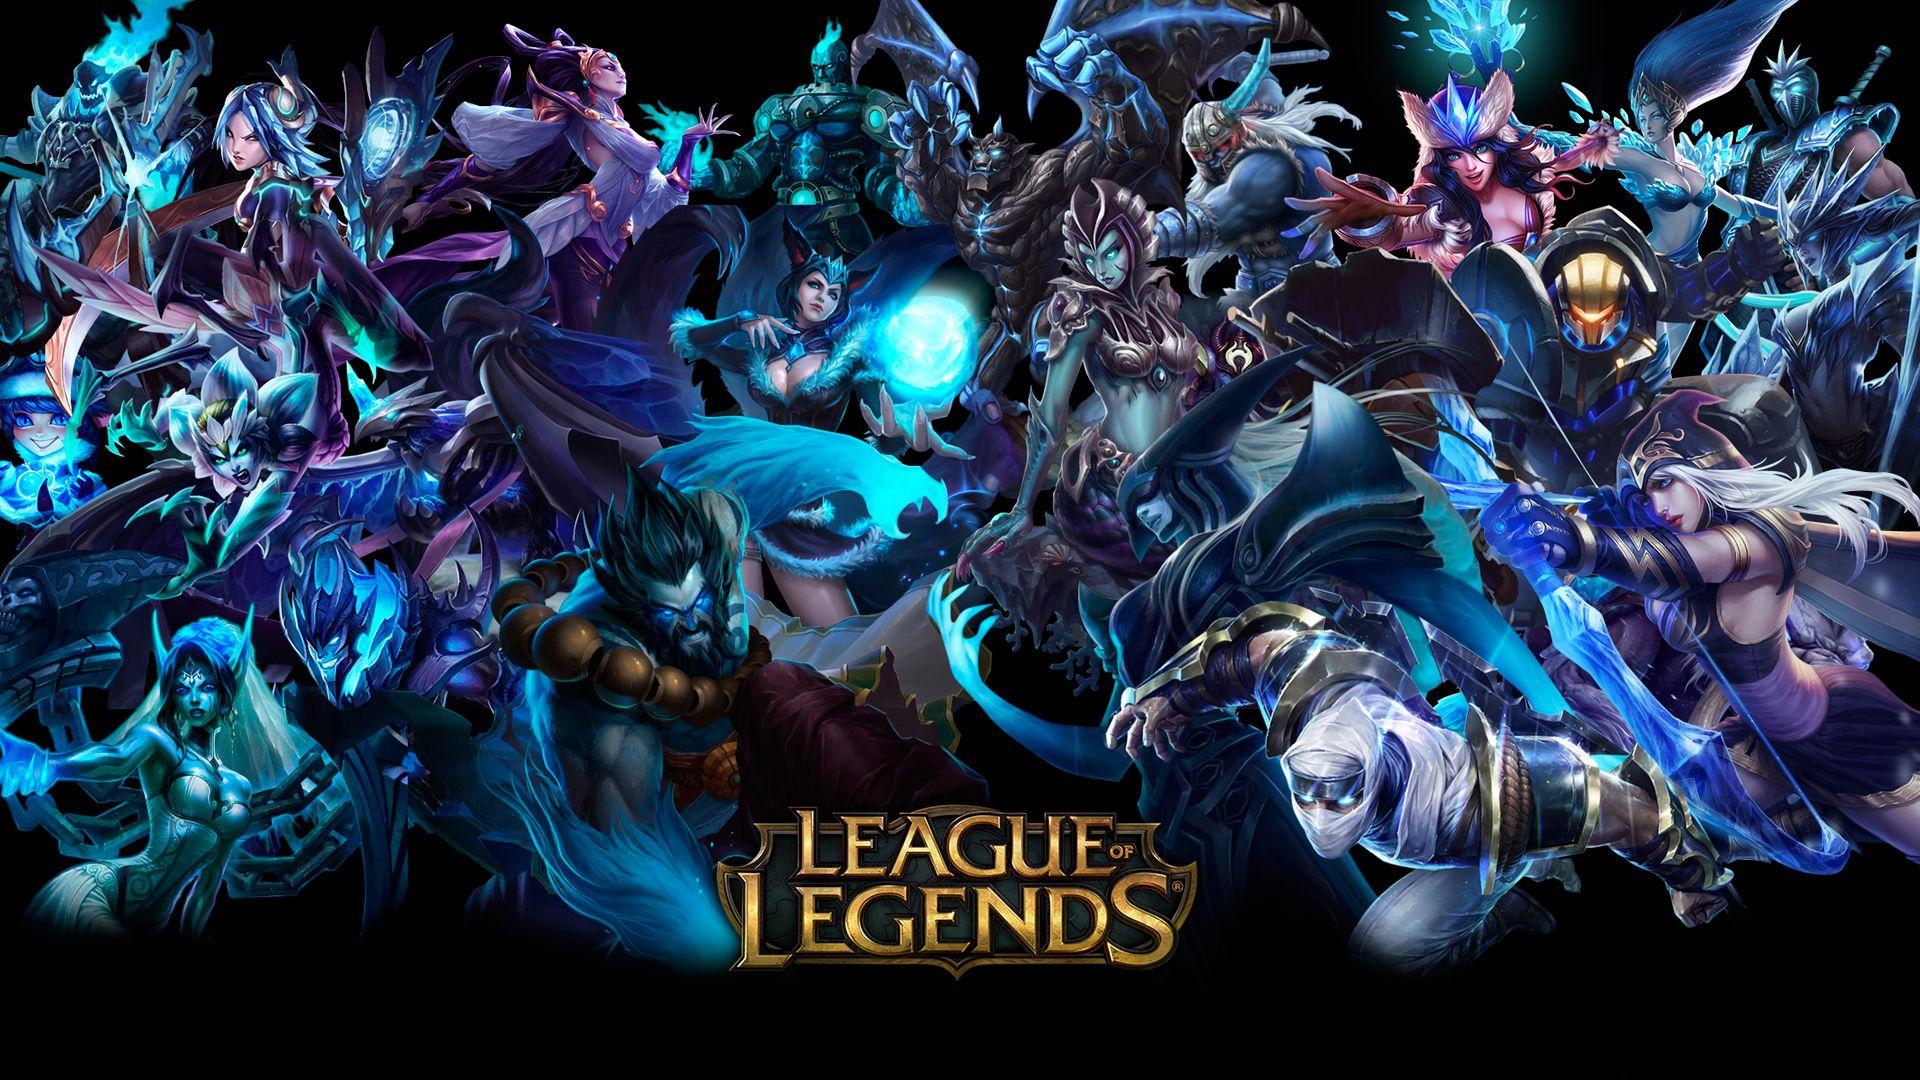 League Of Legends Champion Wallpaper League of legends 4k